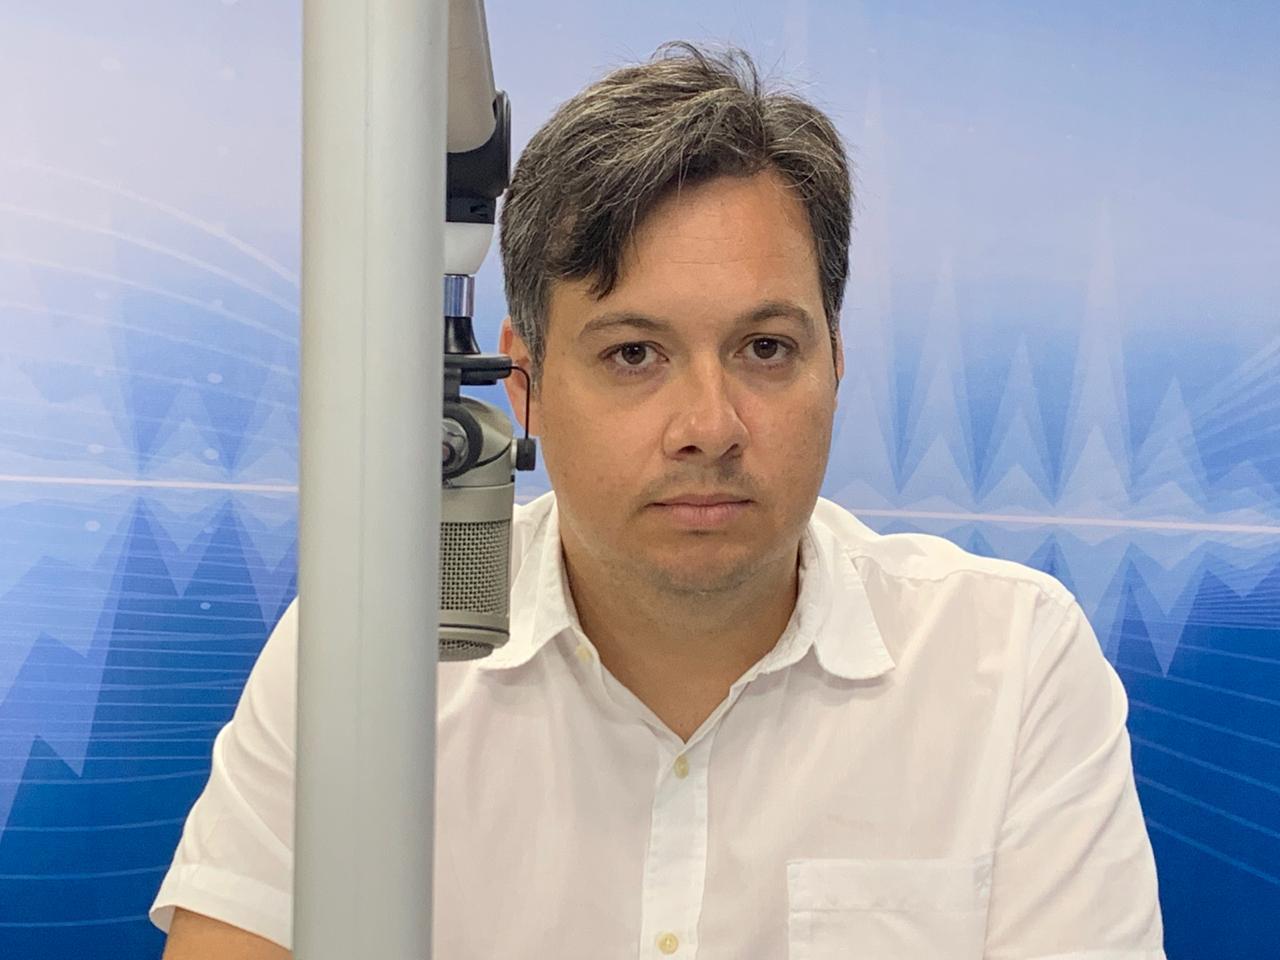 júnior araújo - G11 terá candidatura à PMJP e nas principais cidades da PB em 2020, confirma Júnior Araújo